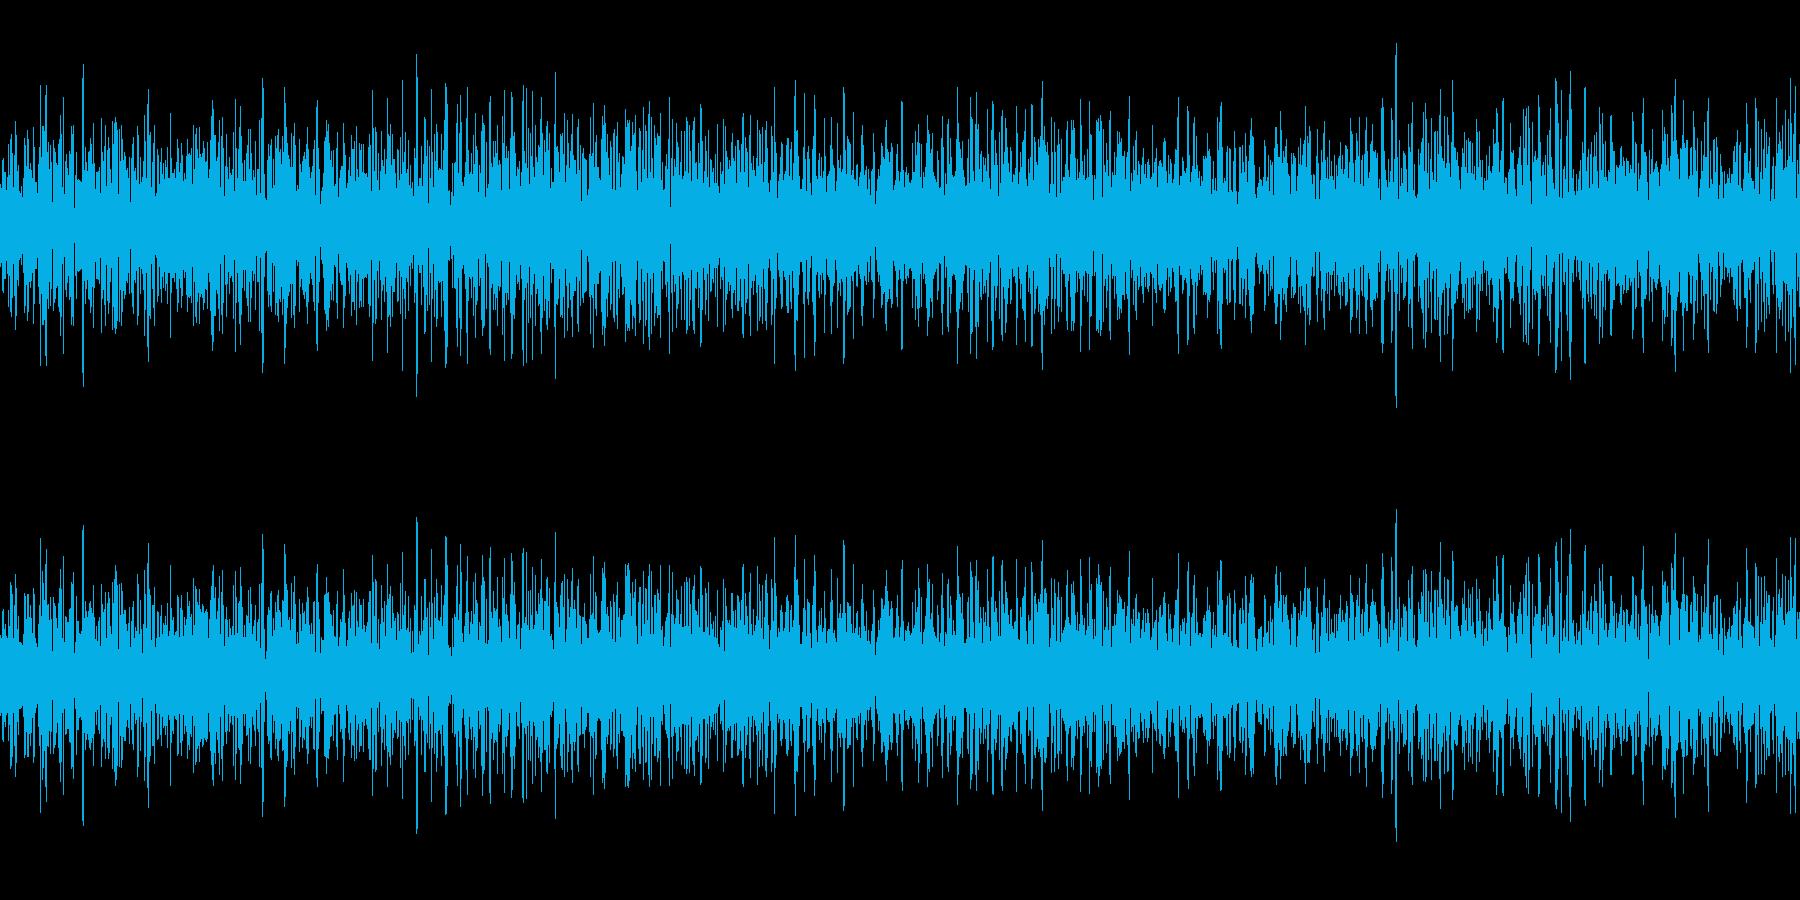 換気扇 ファンの回転音 ループ素材 ゴーの再生済みの波形